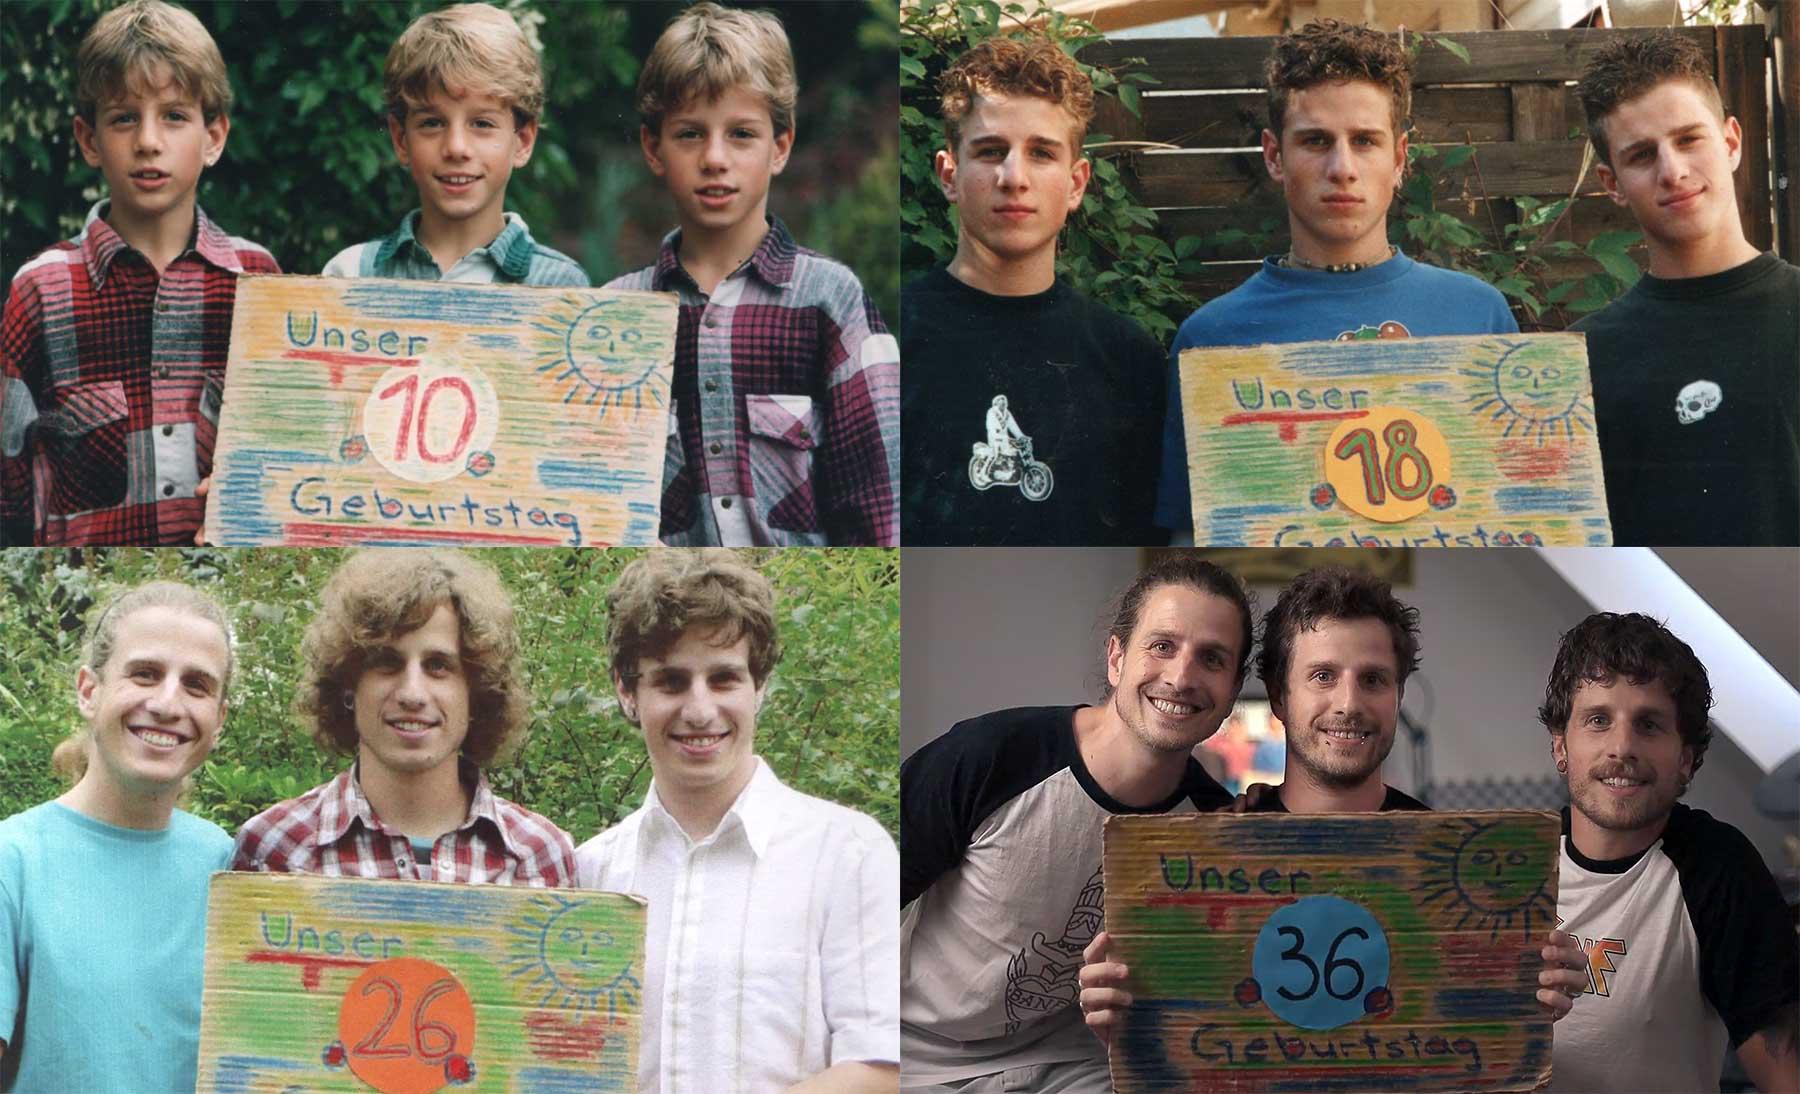 Eineiige Drillinge machen seit 36 Jahren jeden Geburtstag ein Gruppenfoto